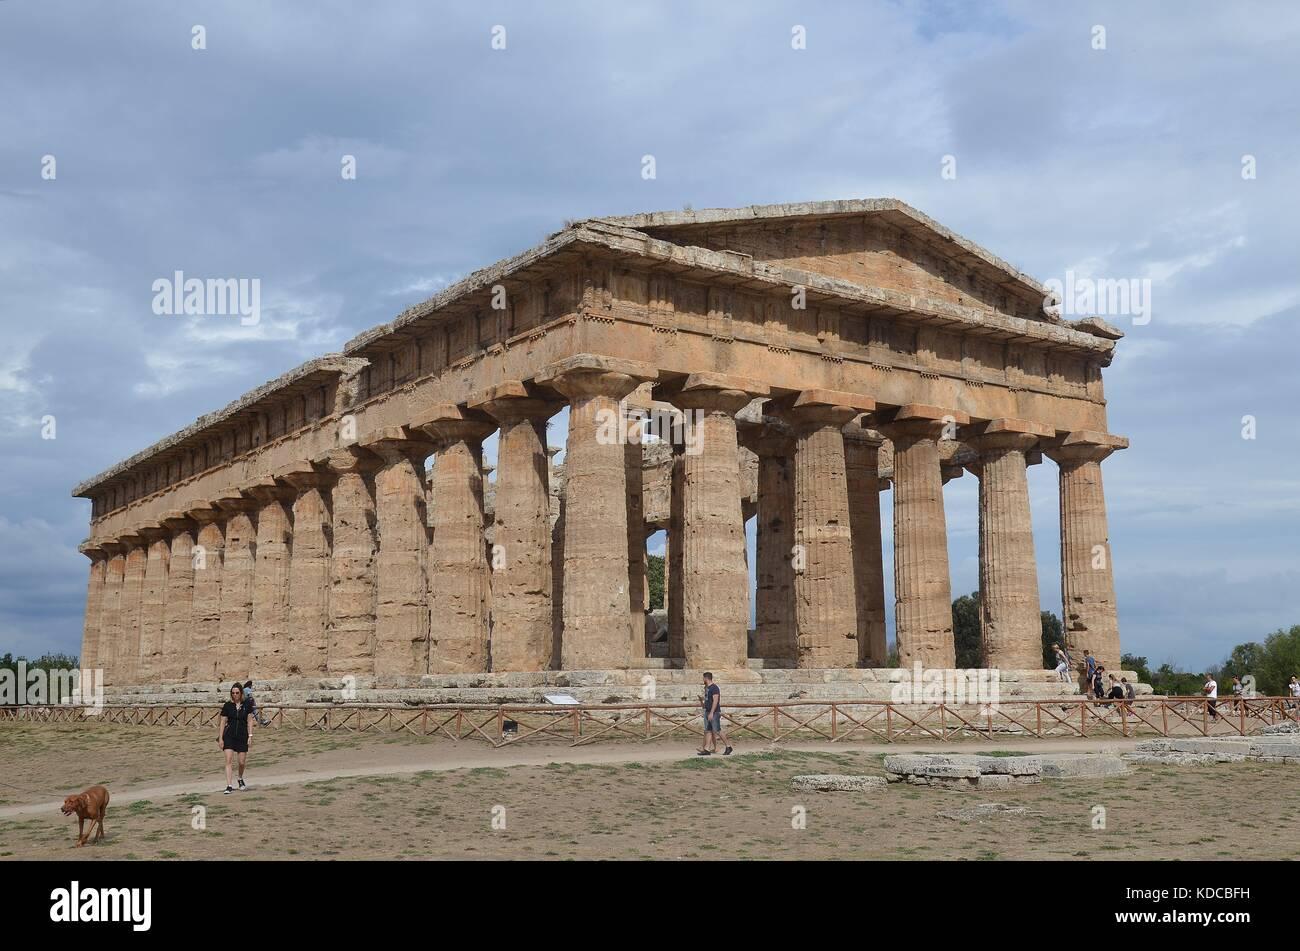 Die griechischen Tempel von Paestum, Kampanien, Italien - Stock Image